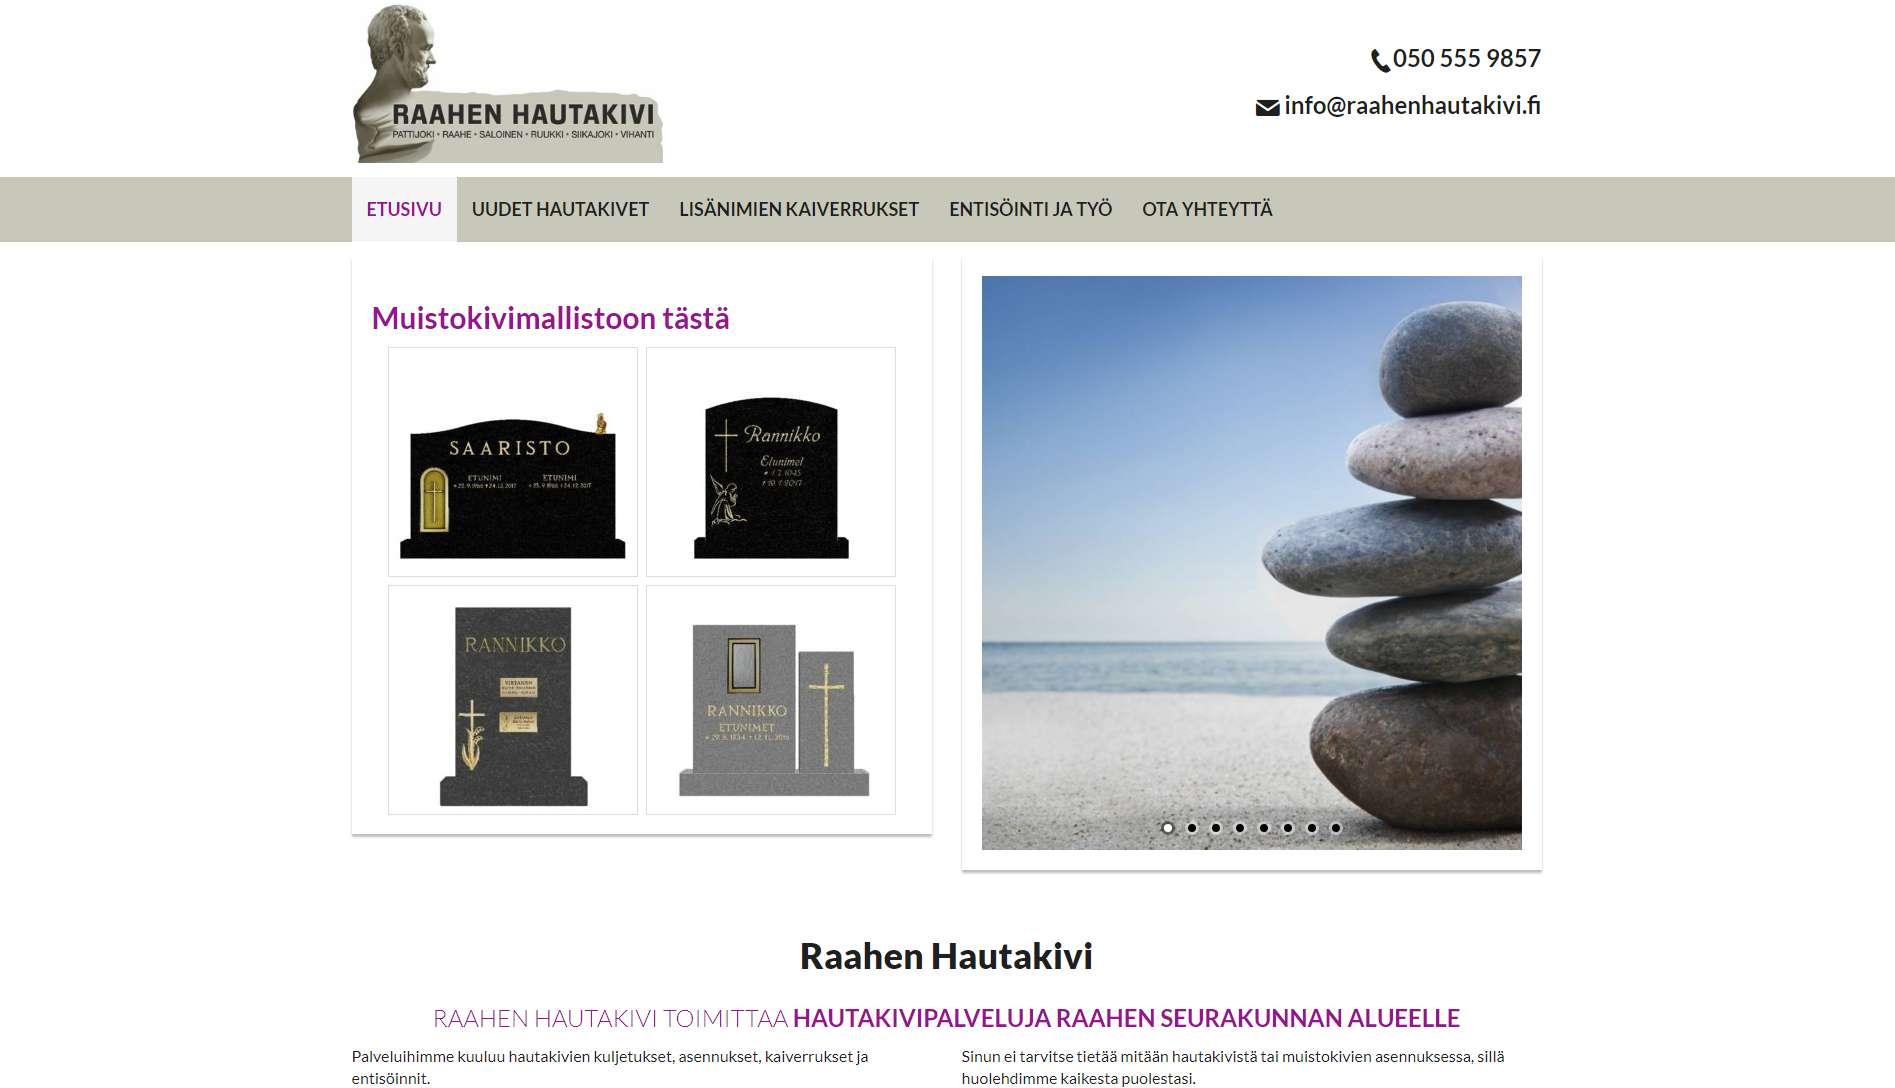 Raahen Hautakivi